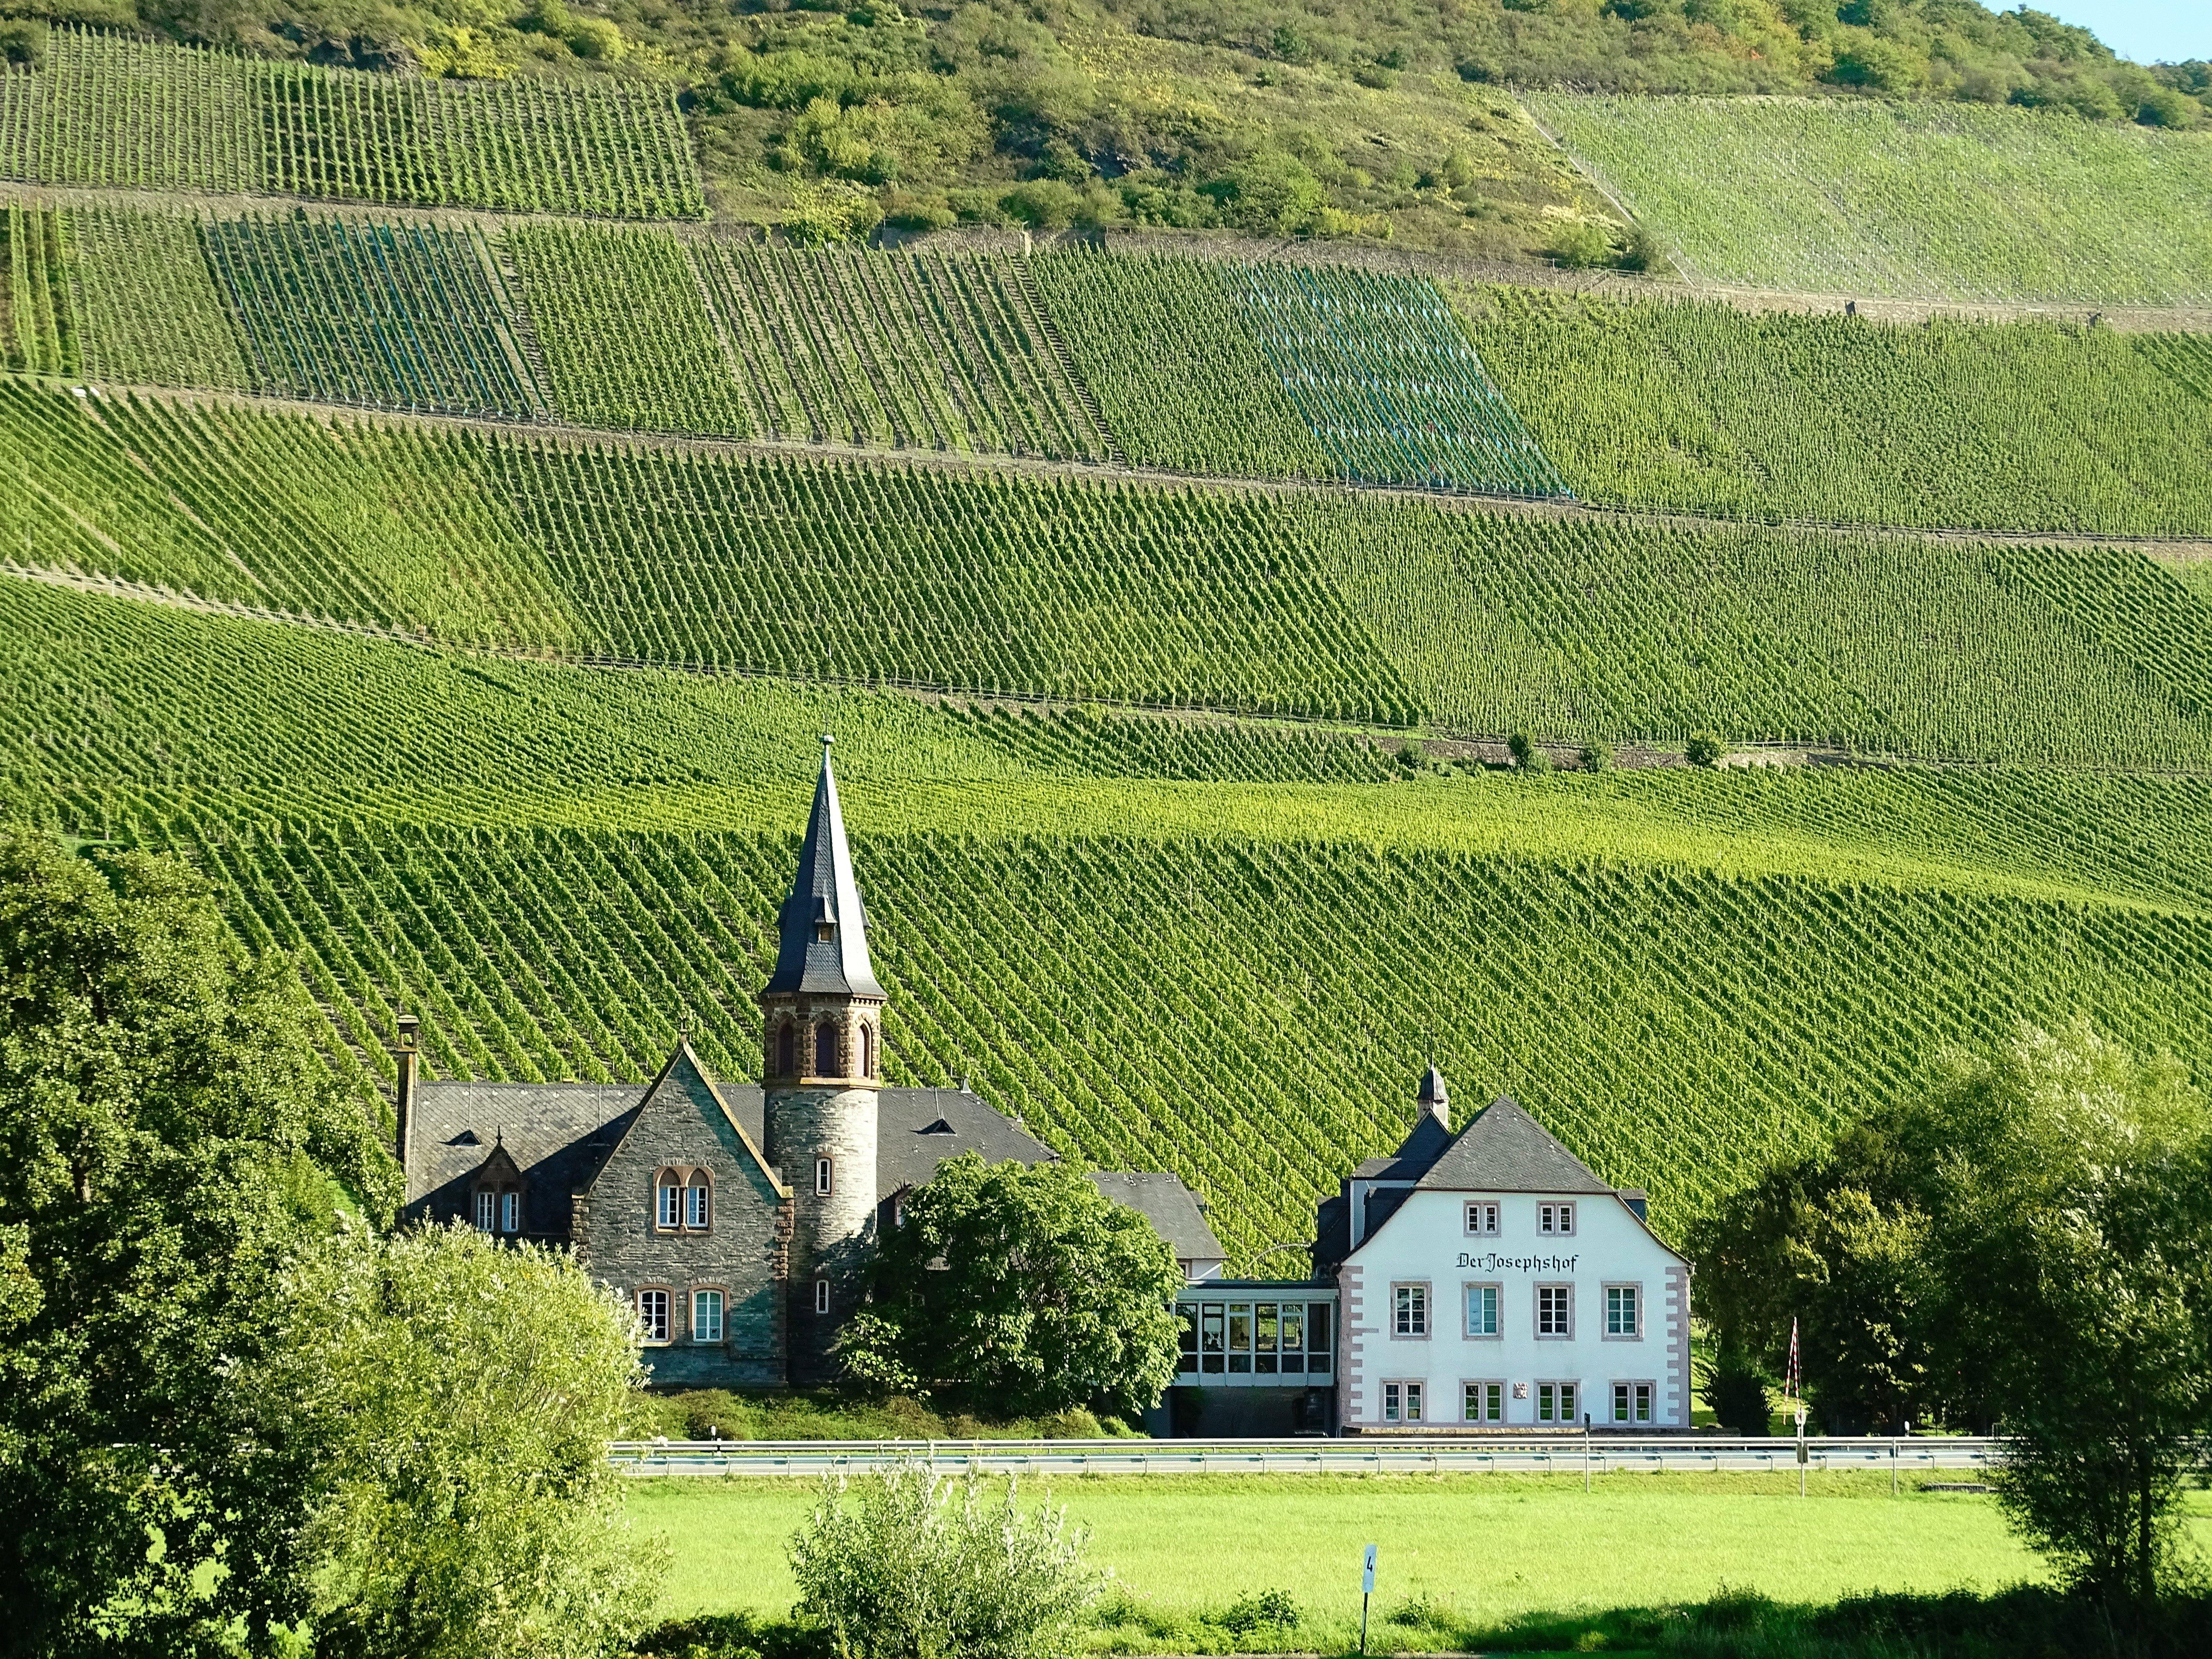 Wine stay in Germany - Germany - Wine regions - 1